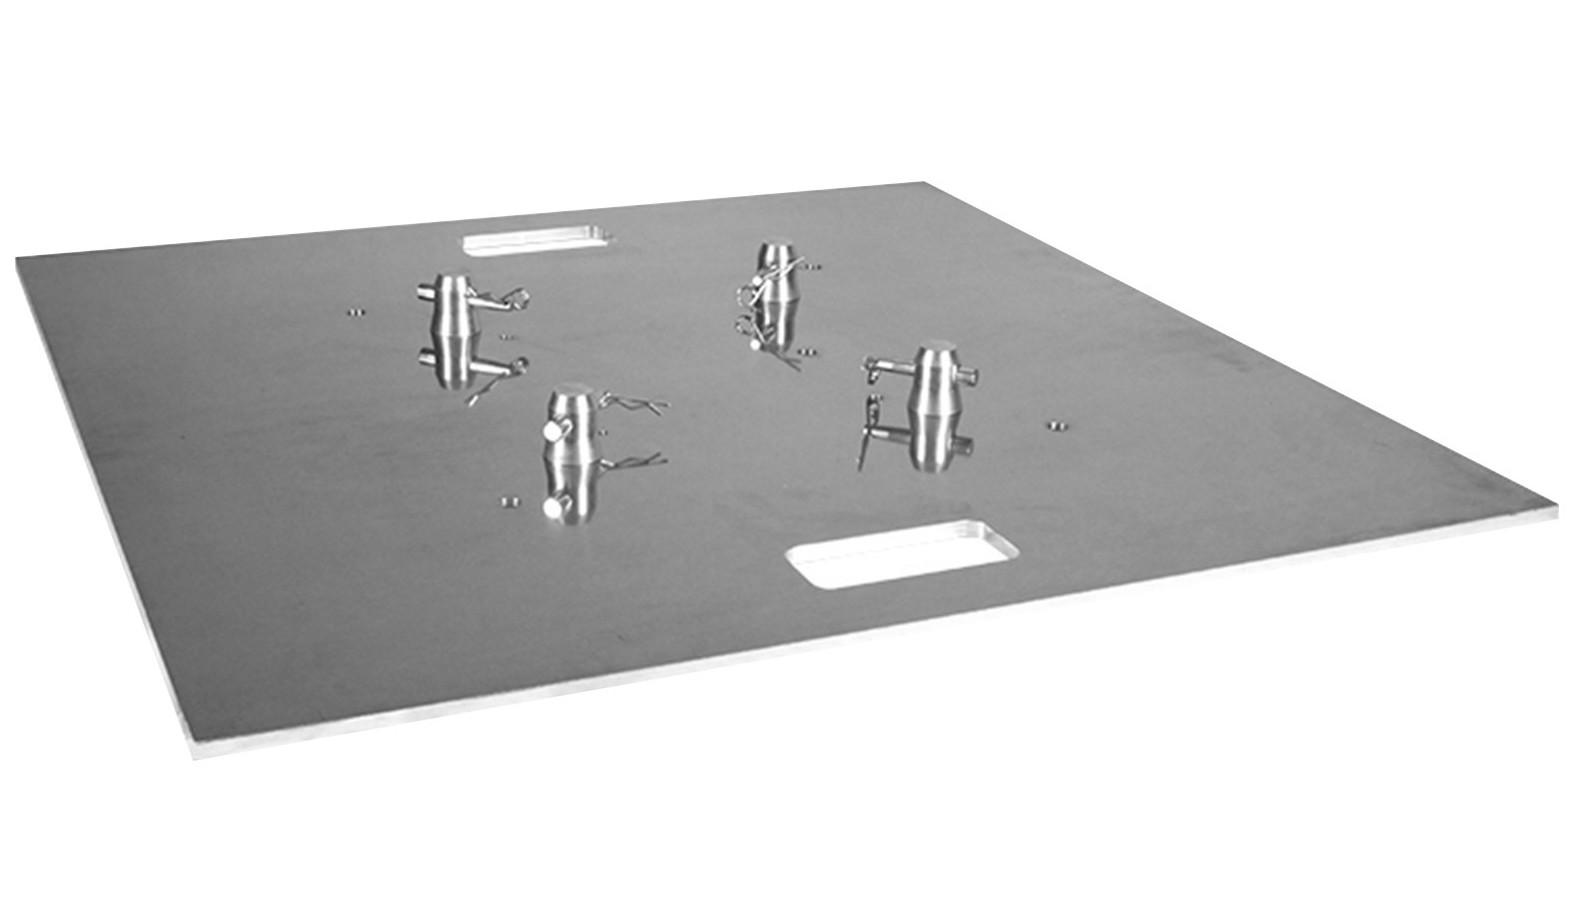 global-truss-base-plate-30x30a.jpeg